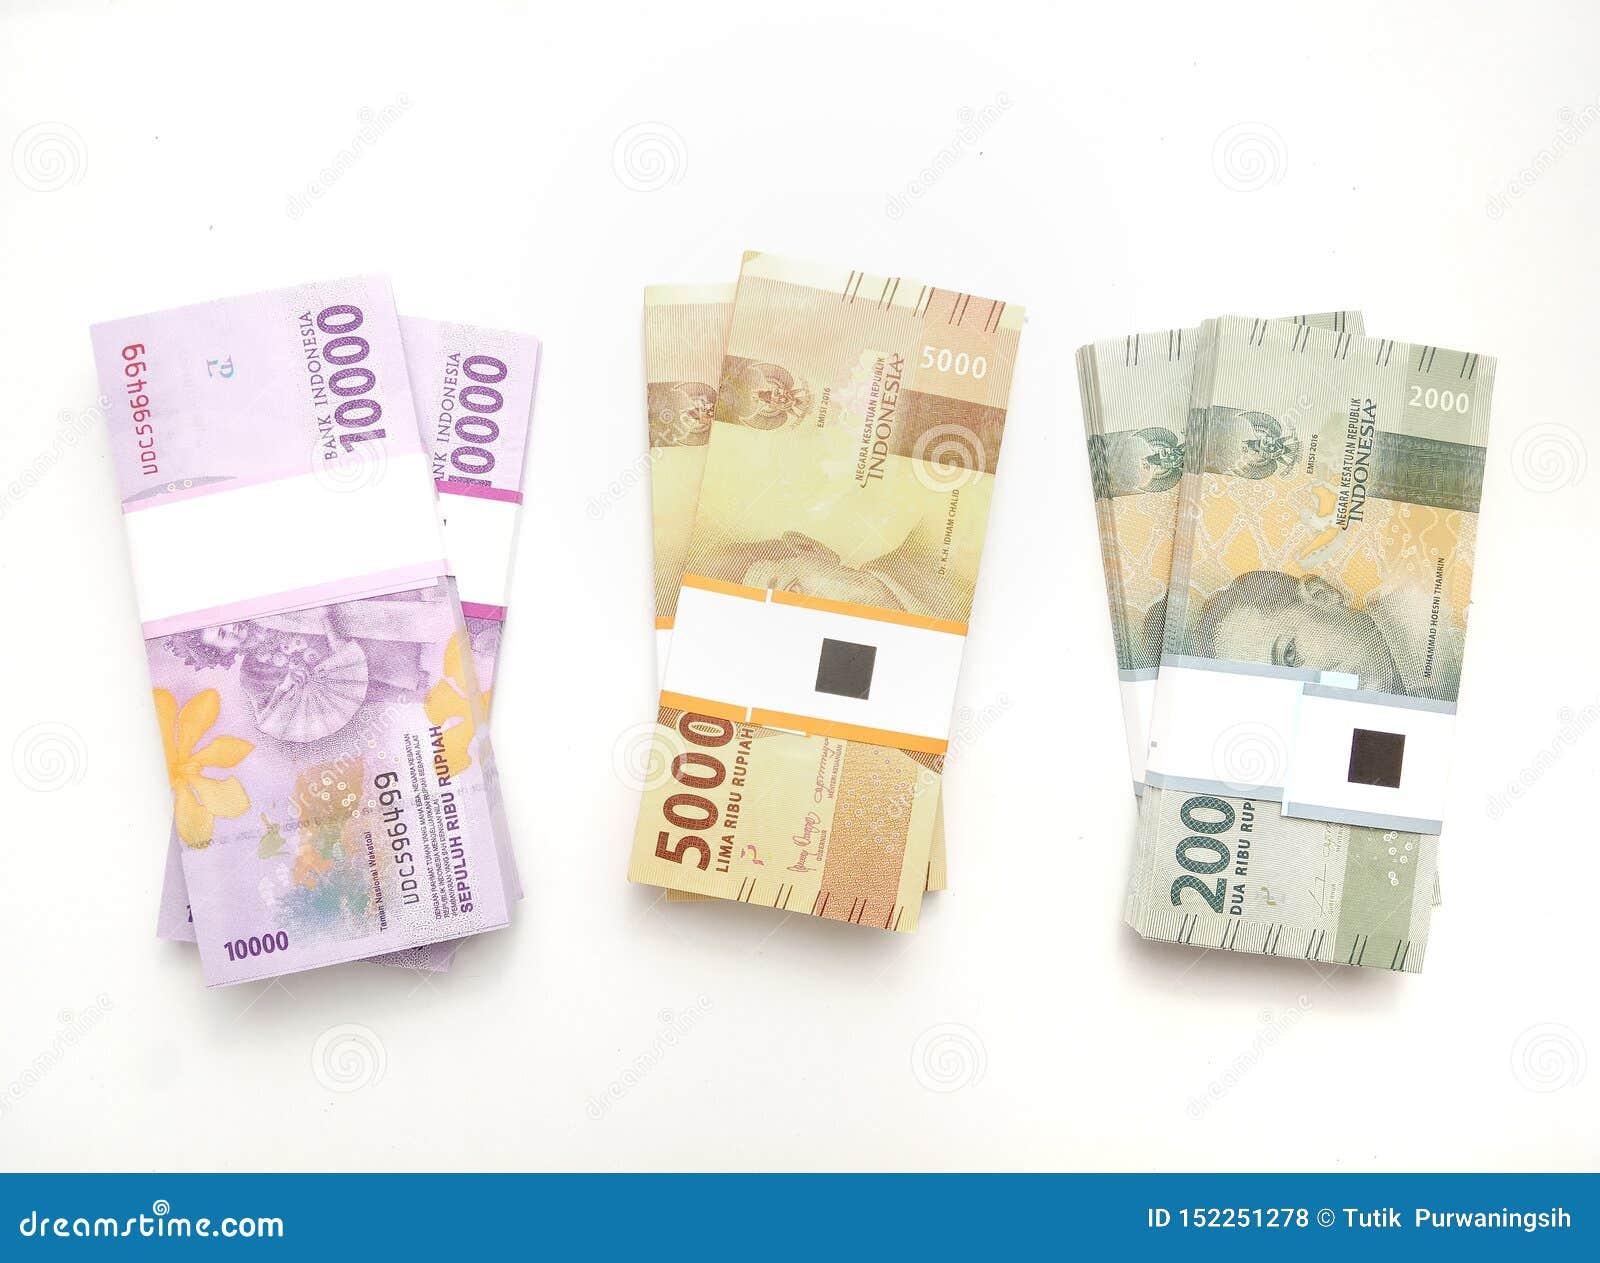 Flache Lage, Foto-einfaches Foto, Draufsicht, Sätze Rupie-Indonesien-Geld, 2000, 5000, 10000, am weißen Hintergrund